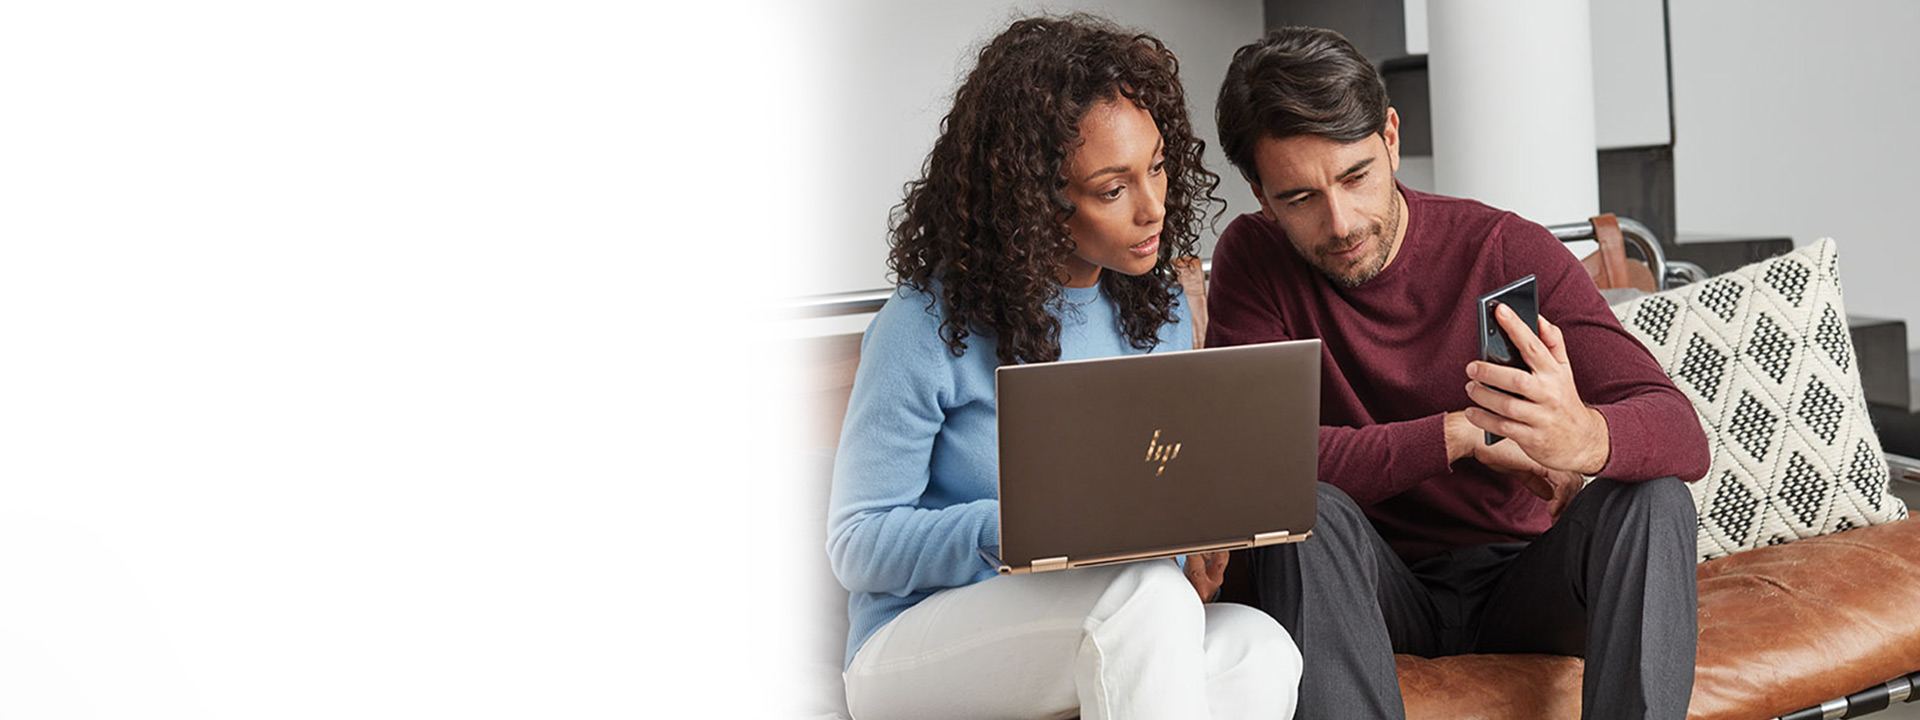 一名女子和一名男子一起坐在沙发上看着 Windows 10 笔记本电脑和移动设备